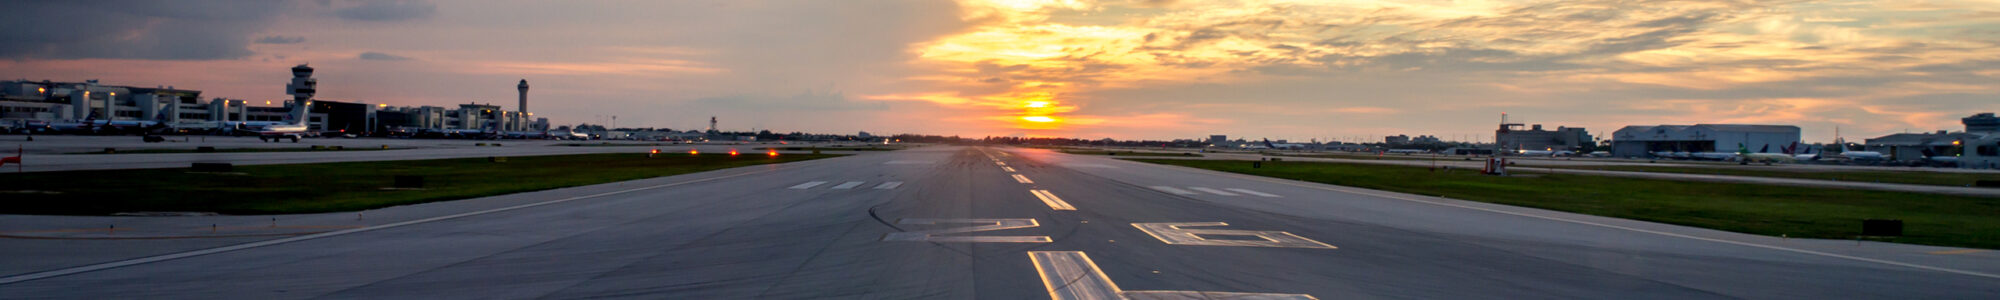 runway two-six left